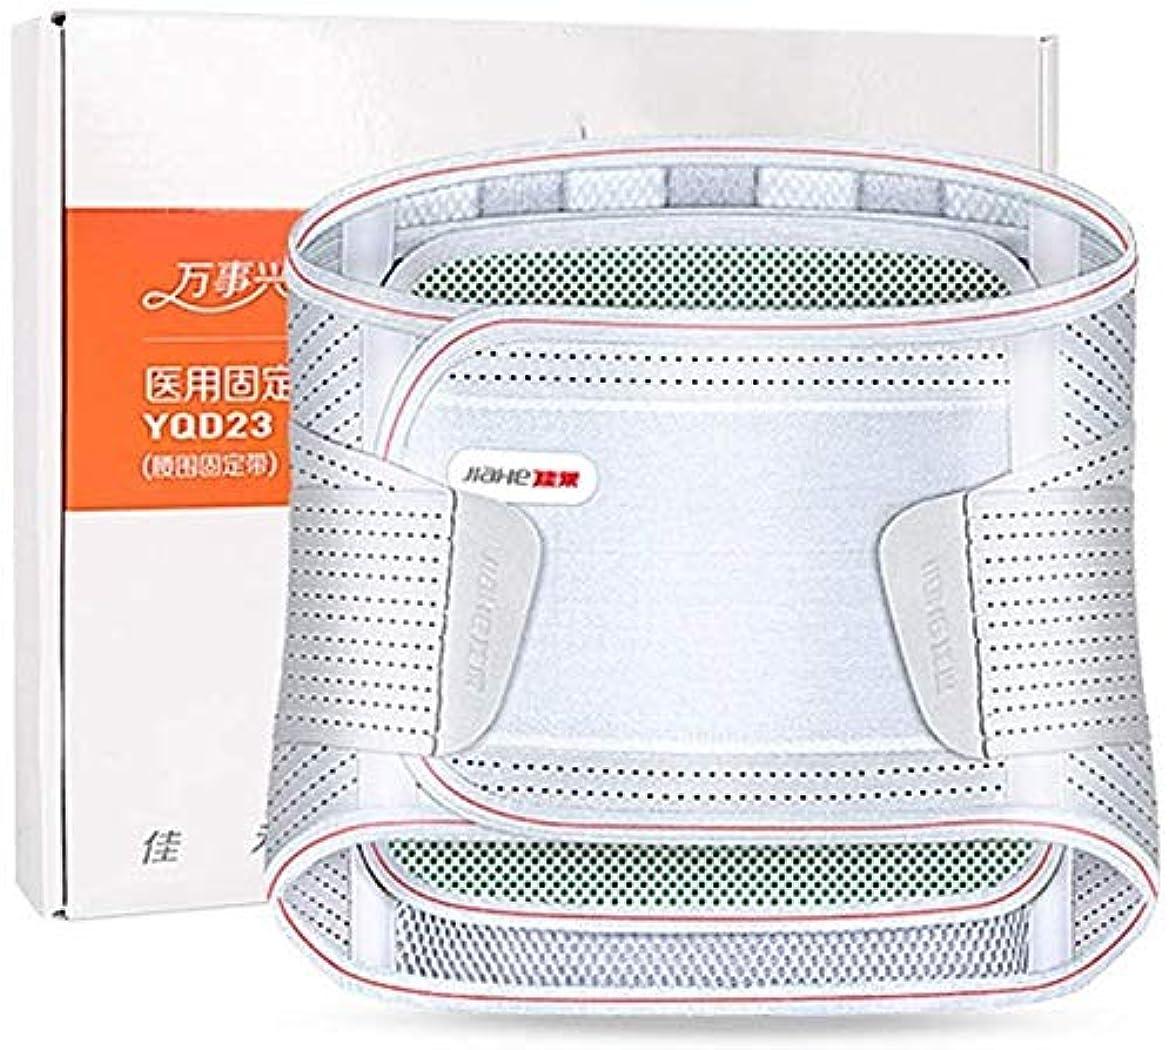 めんどりポーンオーバーヘッド背中のサポート-腰部下部の装具-取り外し可能なパッド3 + 4スチールプレートサポート付きウエストサポートベルト(色:B、サイズ:XXL)